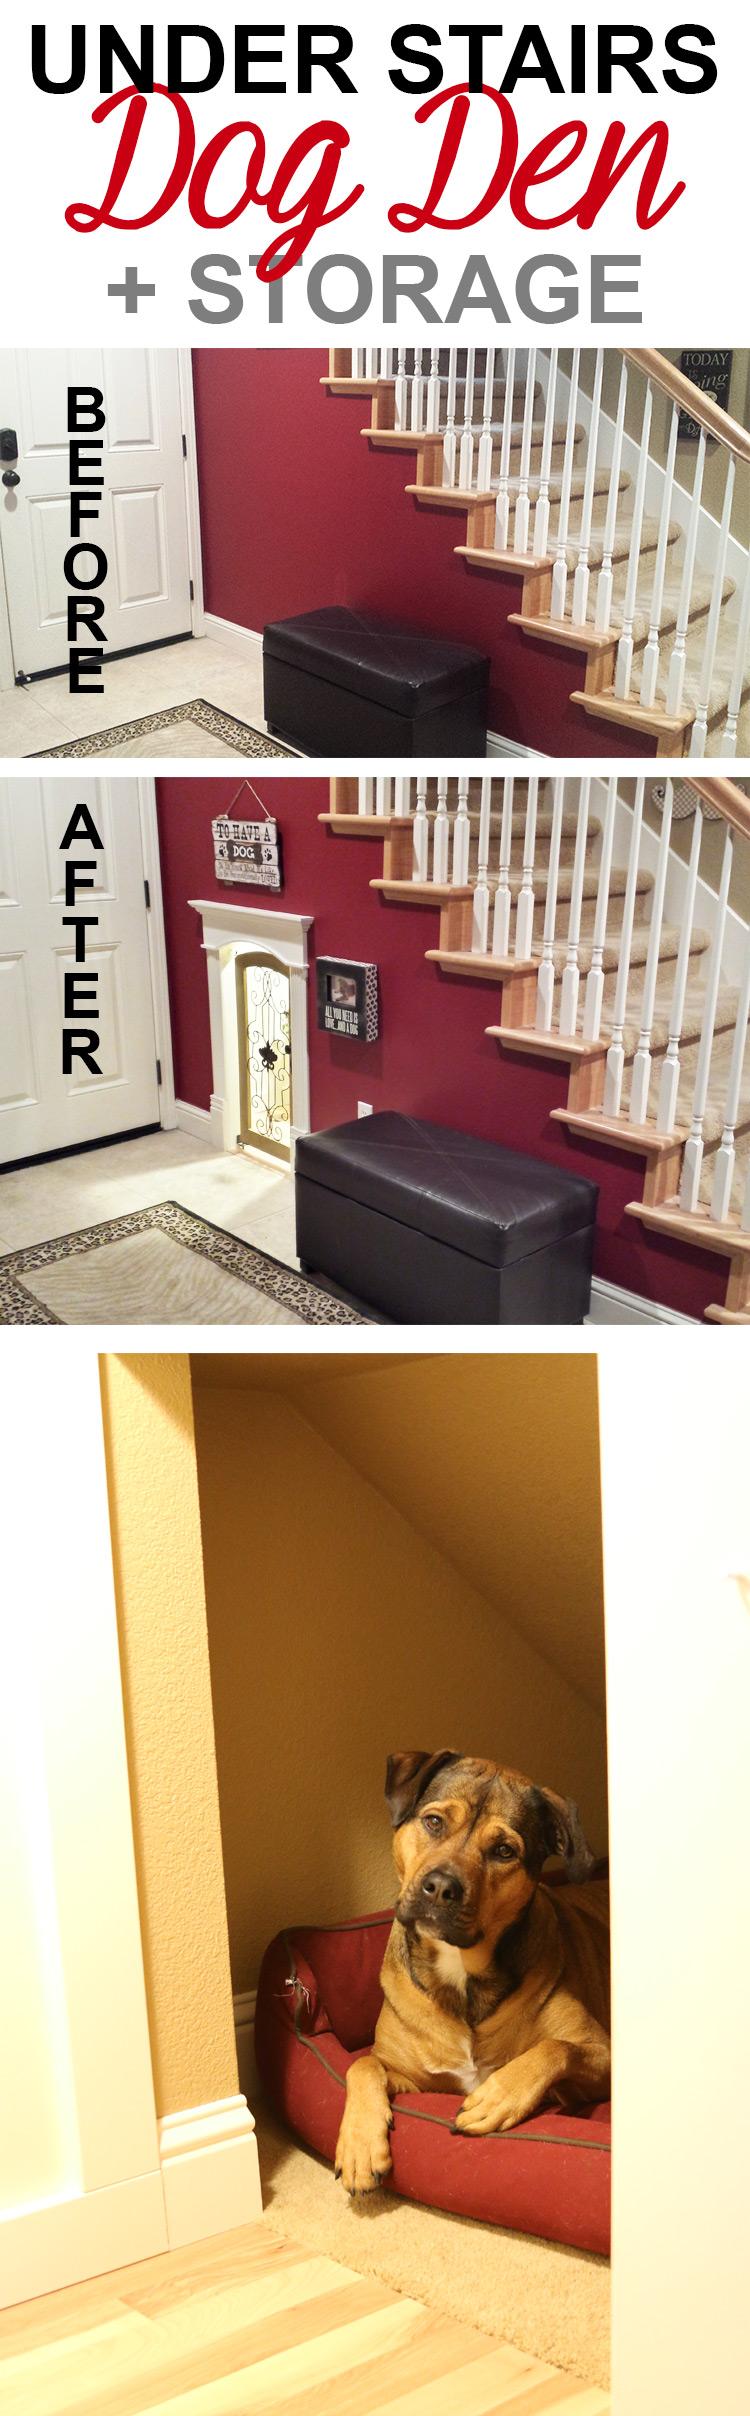 Add Under Staircase Dog Den Room Crate Storage